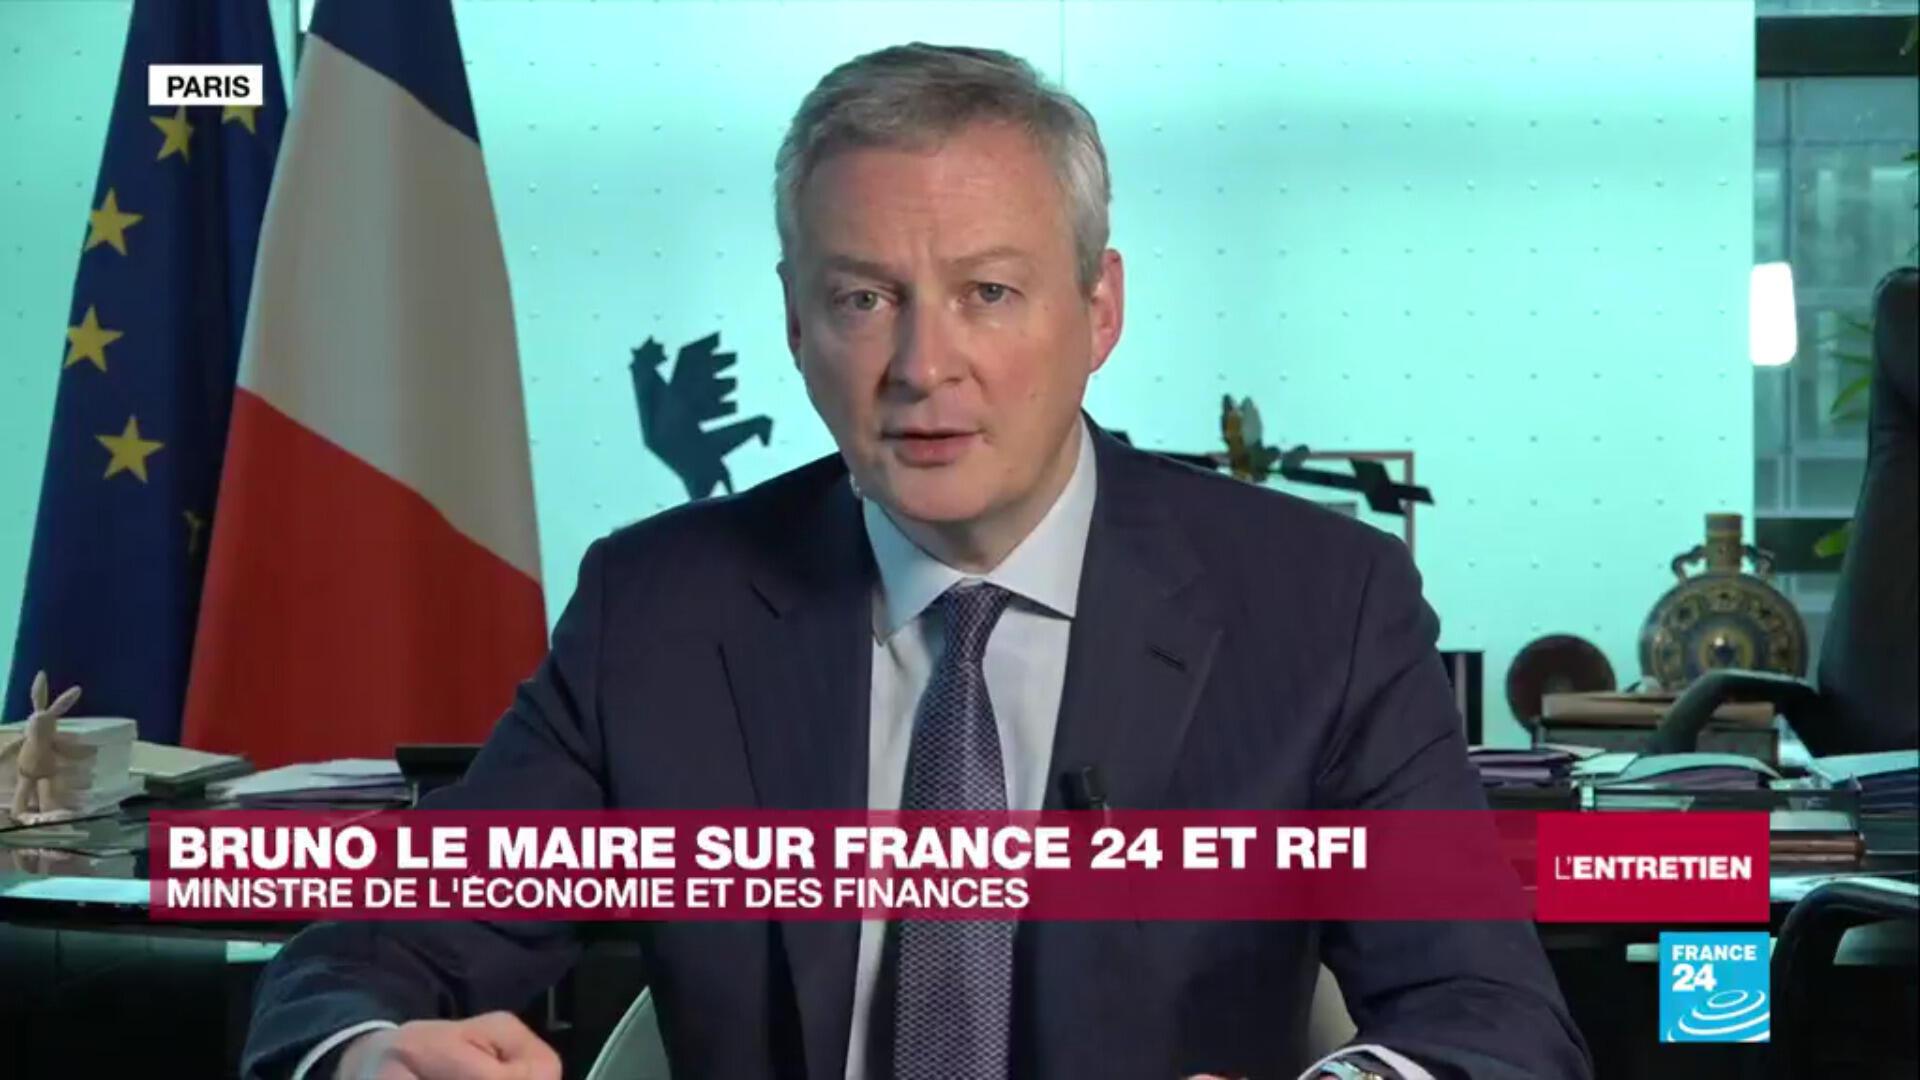 Le ministre de l'Économie et des Finances Bruno Le Maire sur France 24 et RFI vendredi 3 avril 2020